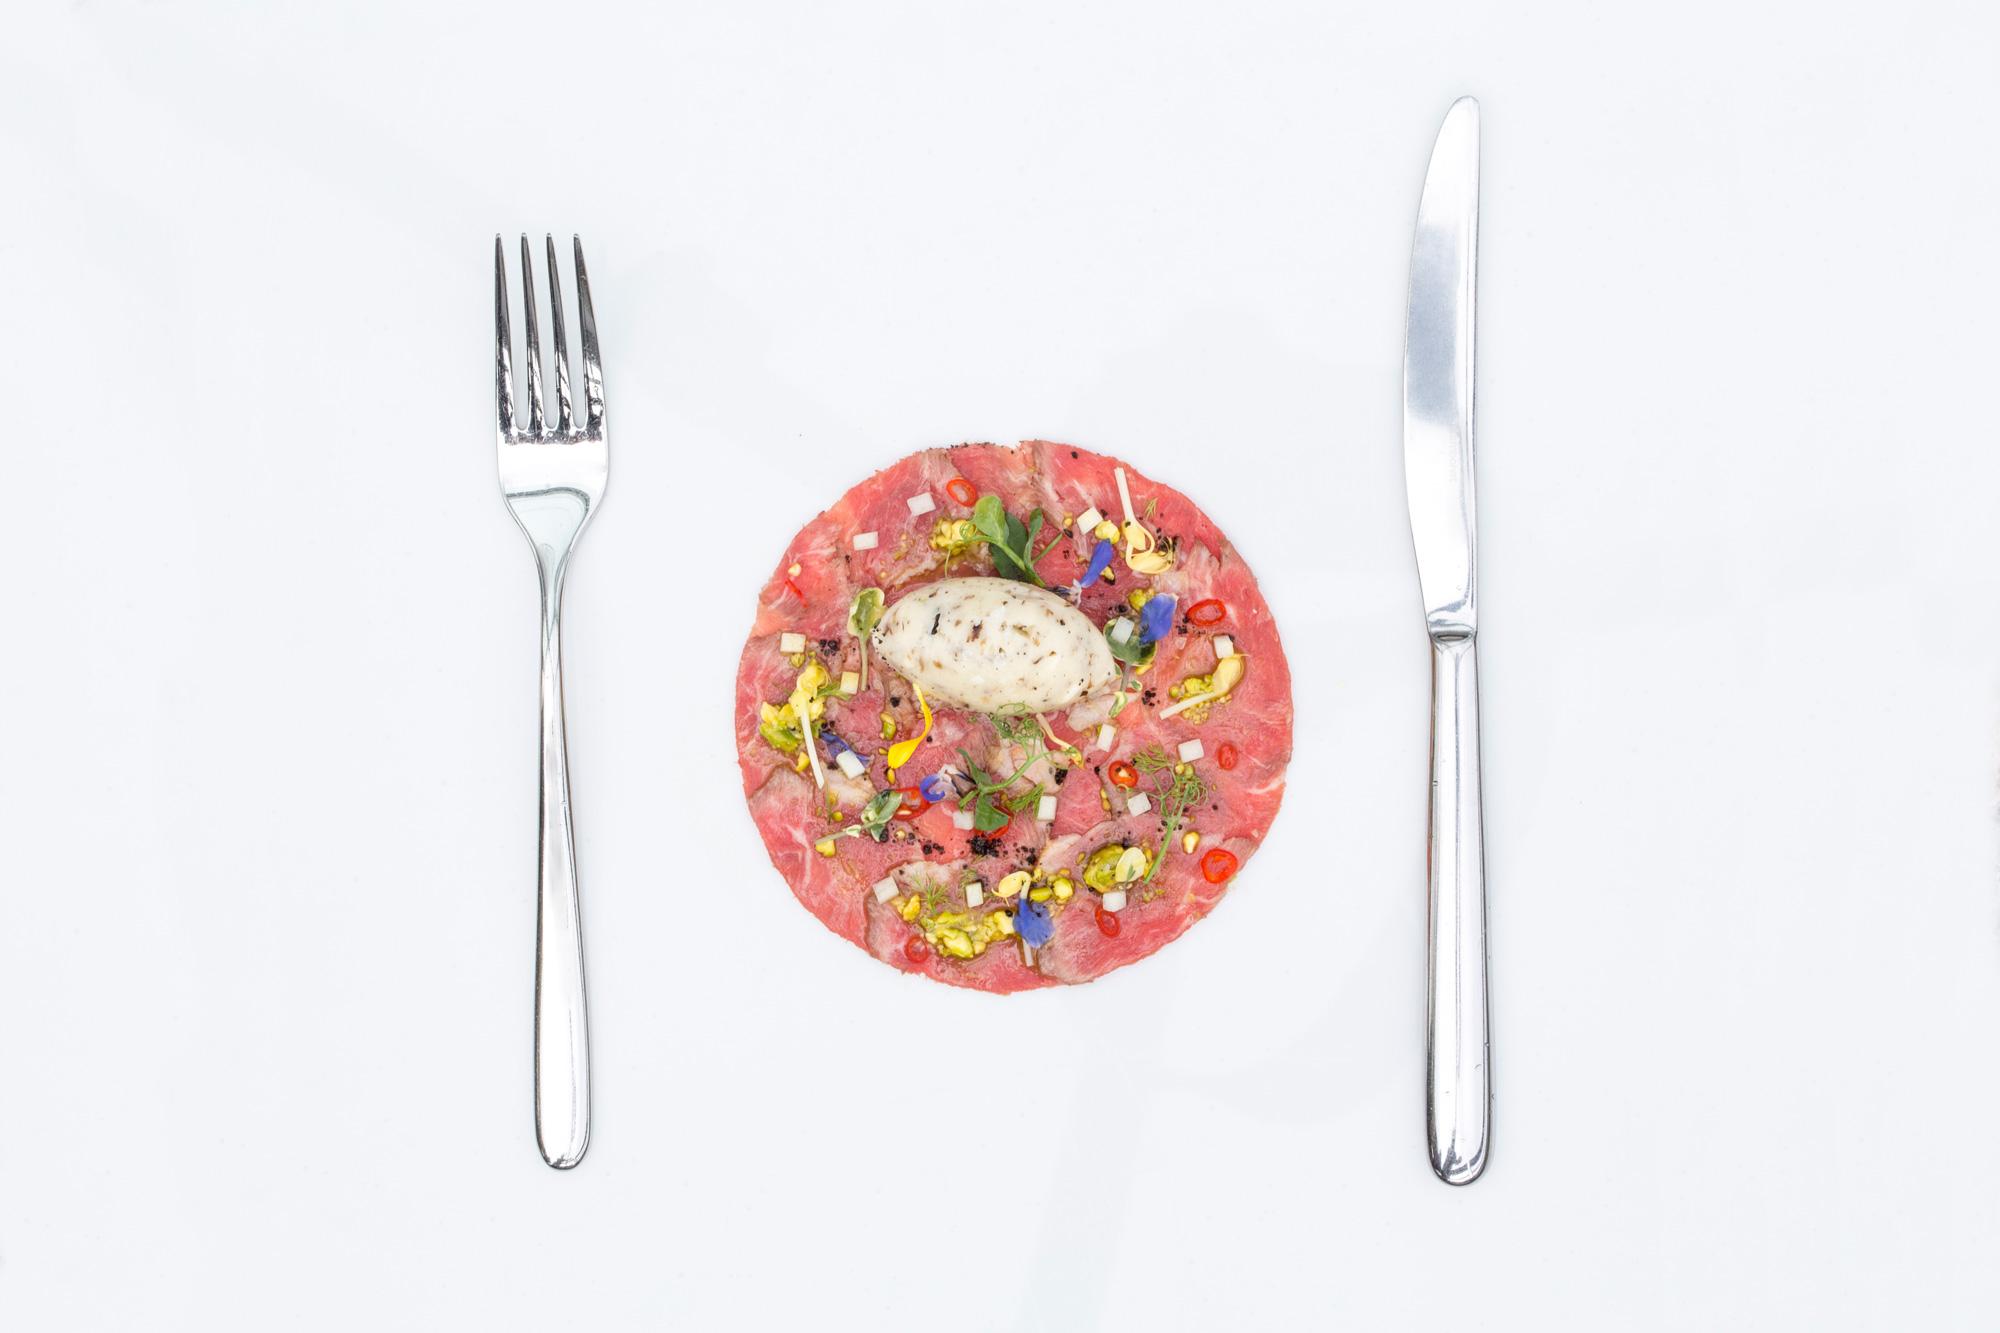 Carpaccio de presa ibérica vinagreta de pistacho y guindilla helado de espárrago blanco y trufa